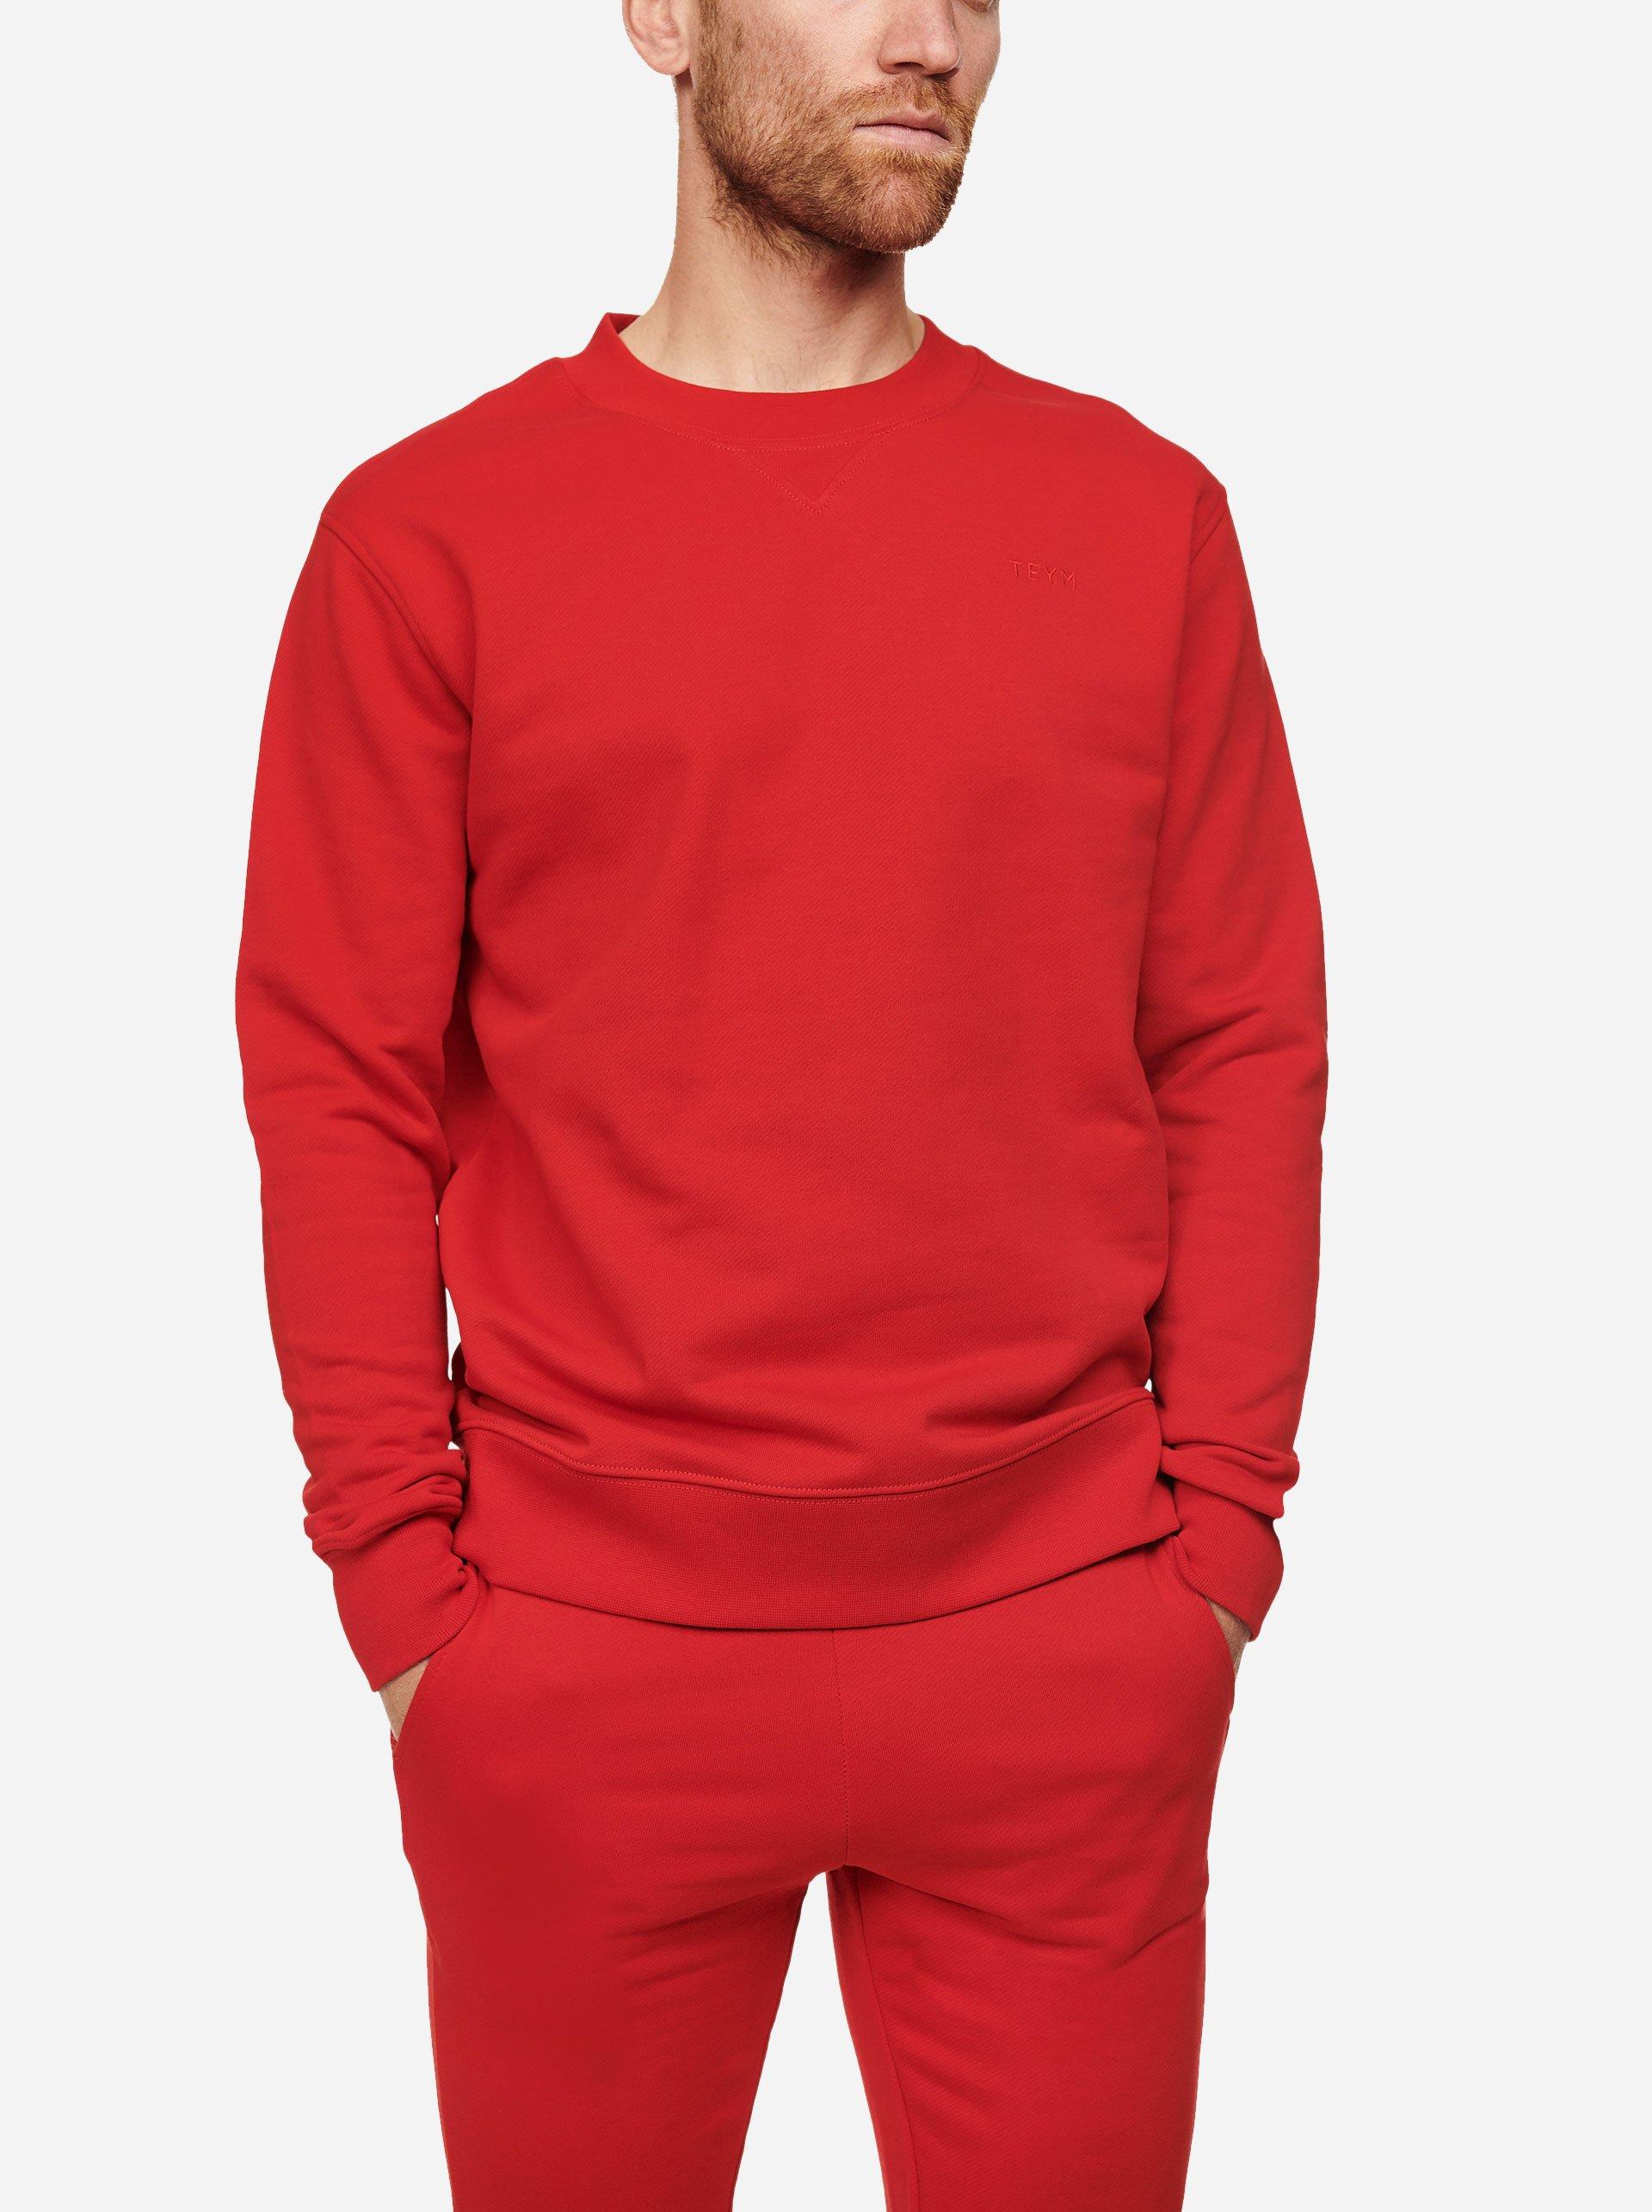 Teym_-_Size_Guide_-_Sweatshirt_-_Men_-_1